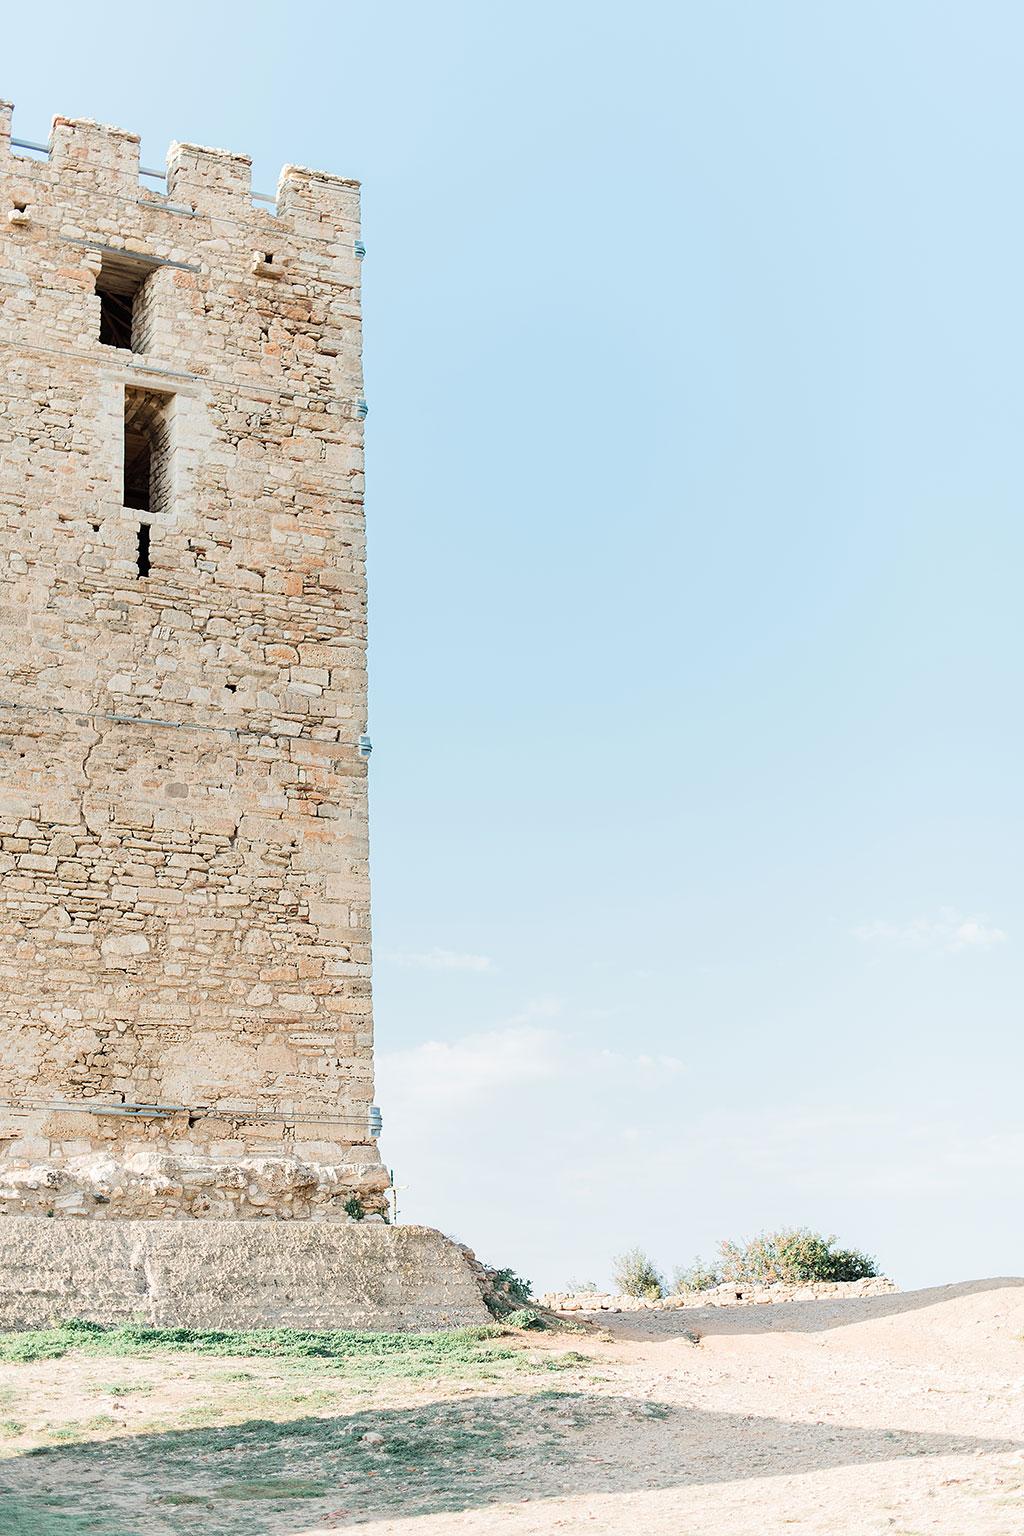 Φωτογραφία γάμου Χαλκιδική, the old tower at Nea Fokea Halkidiki